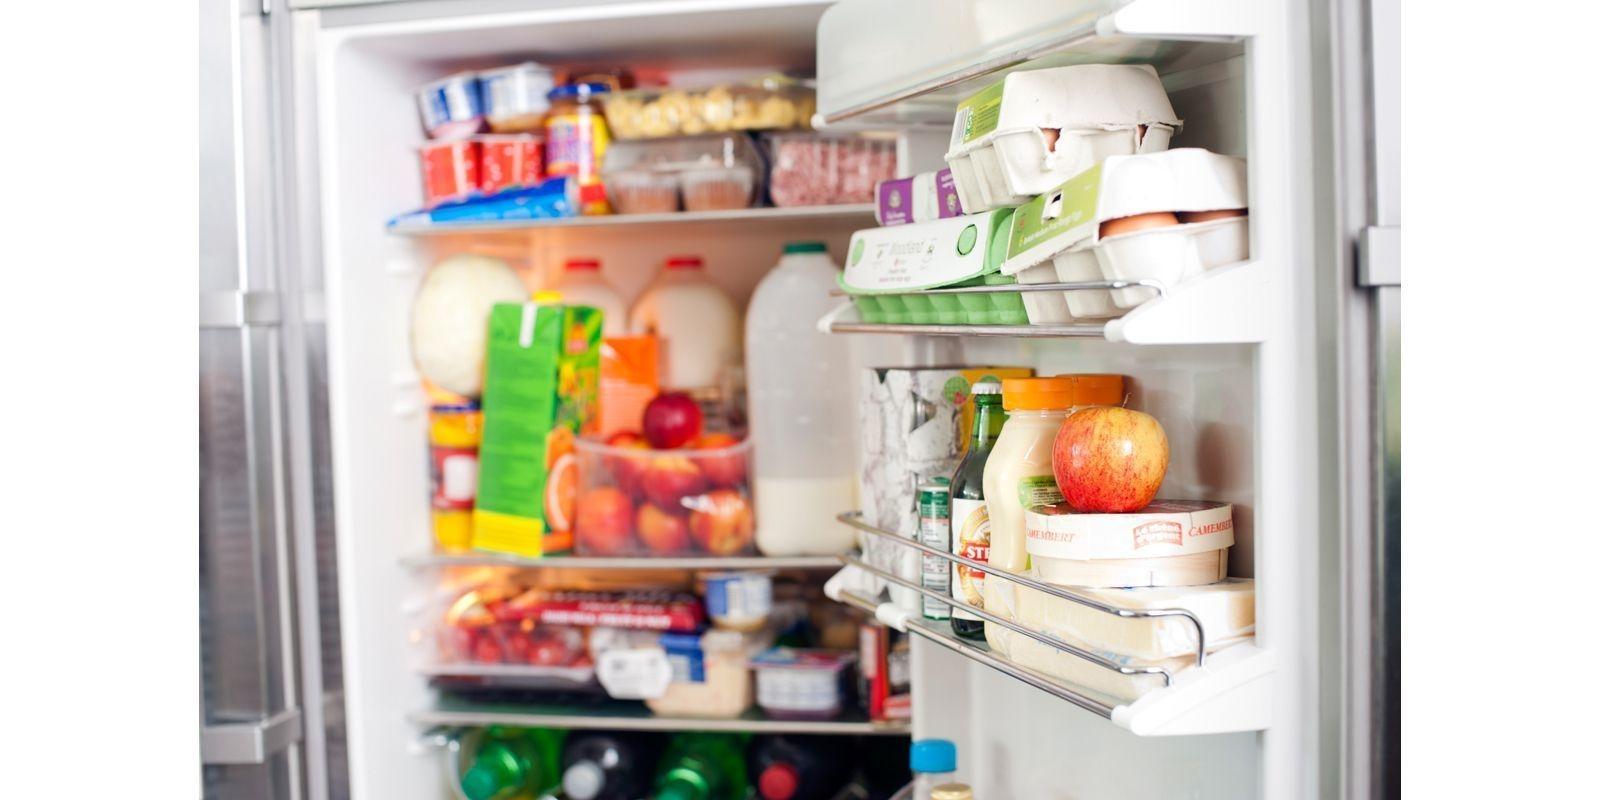 """Résultat de recherche d'images pour """"aliment dans un frigo"""""""